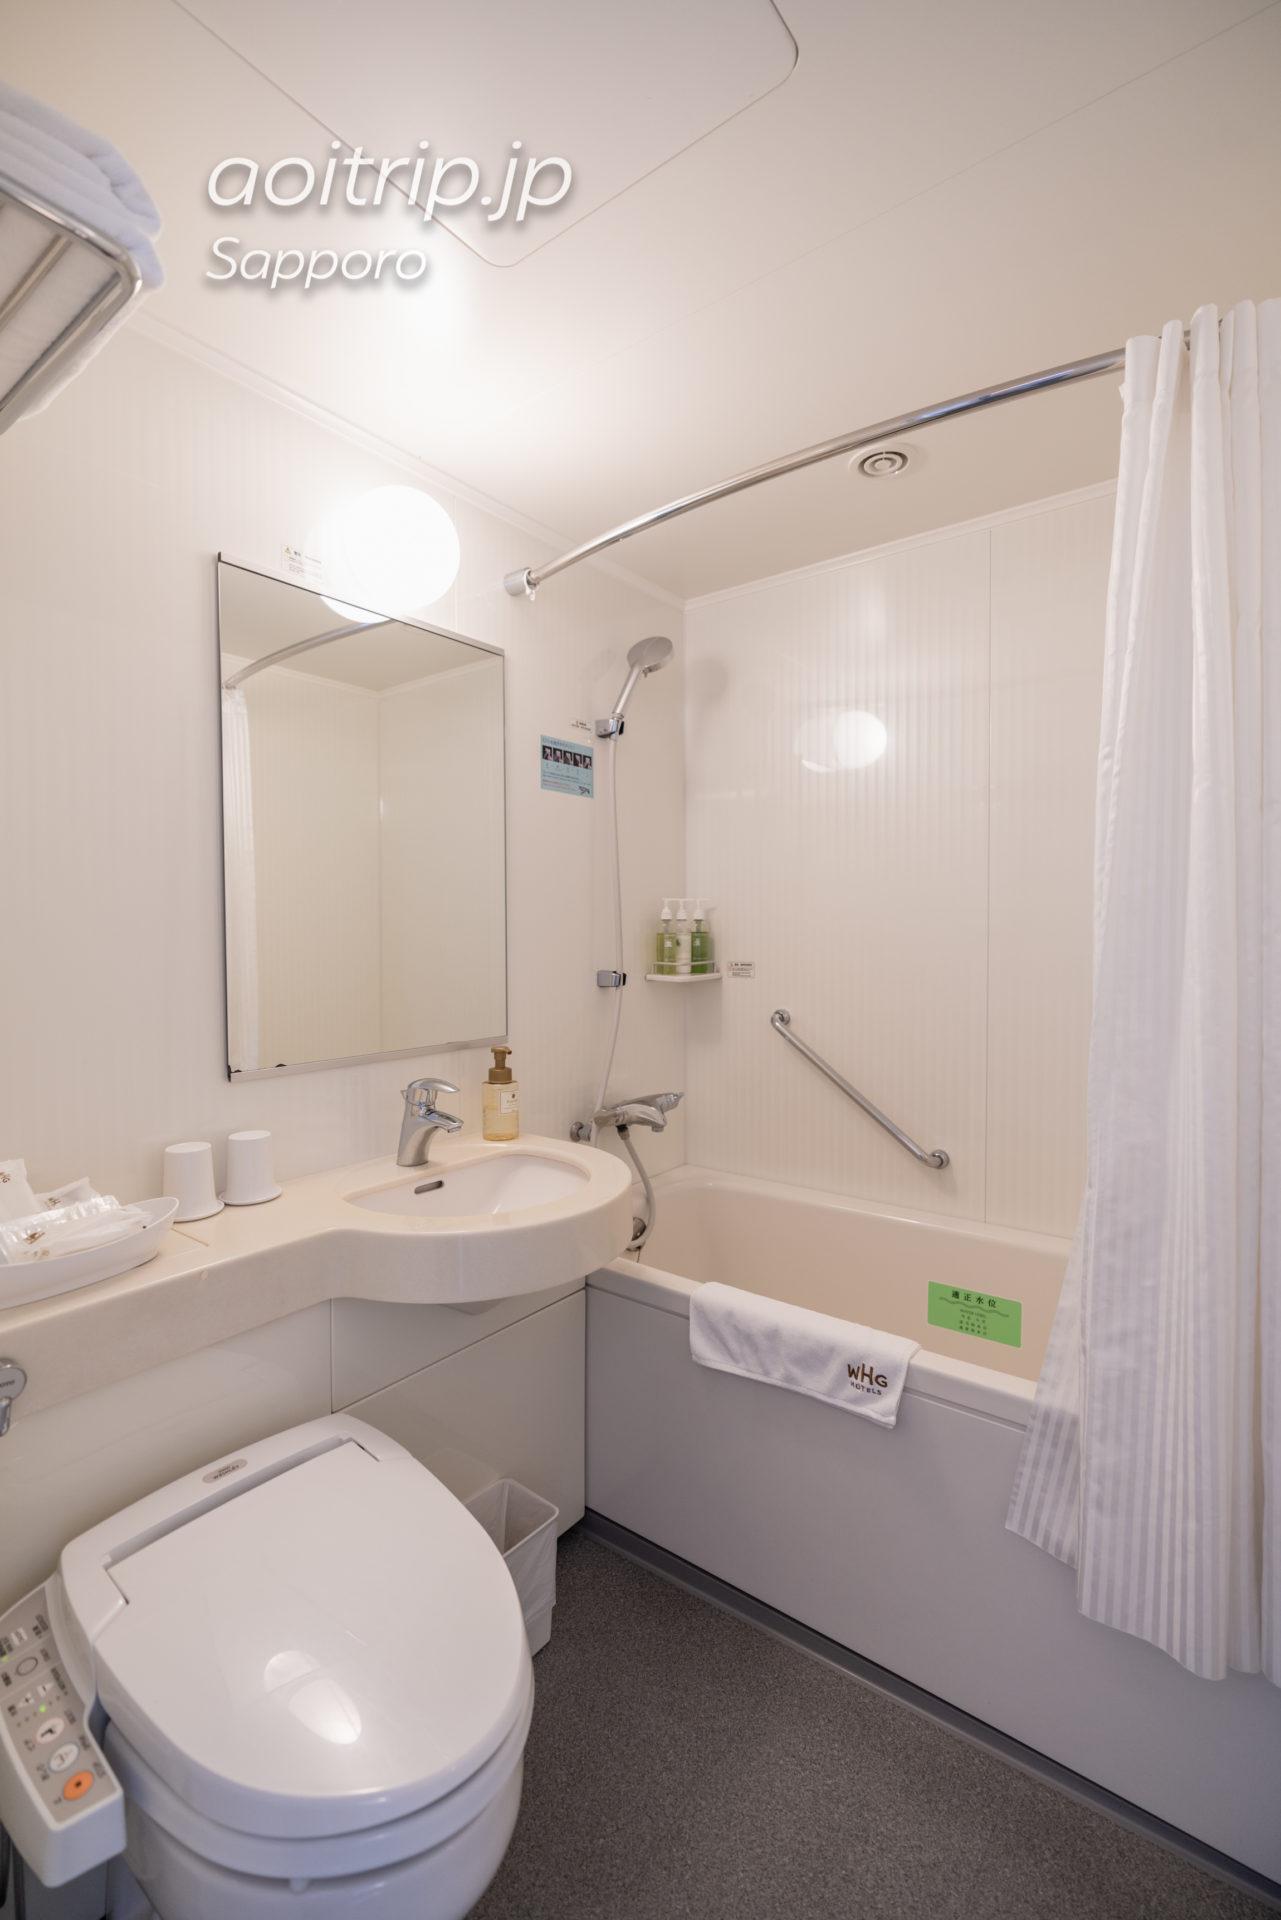 ホテル グレイスリー札幌のバスルーム